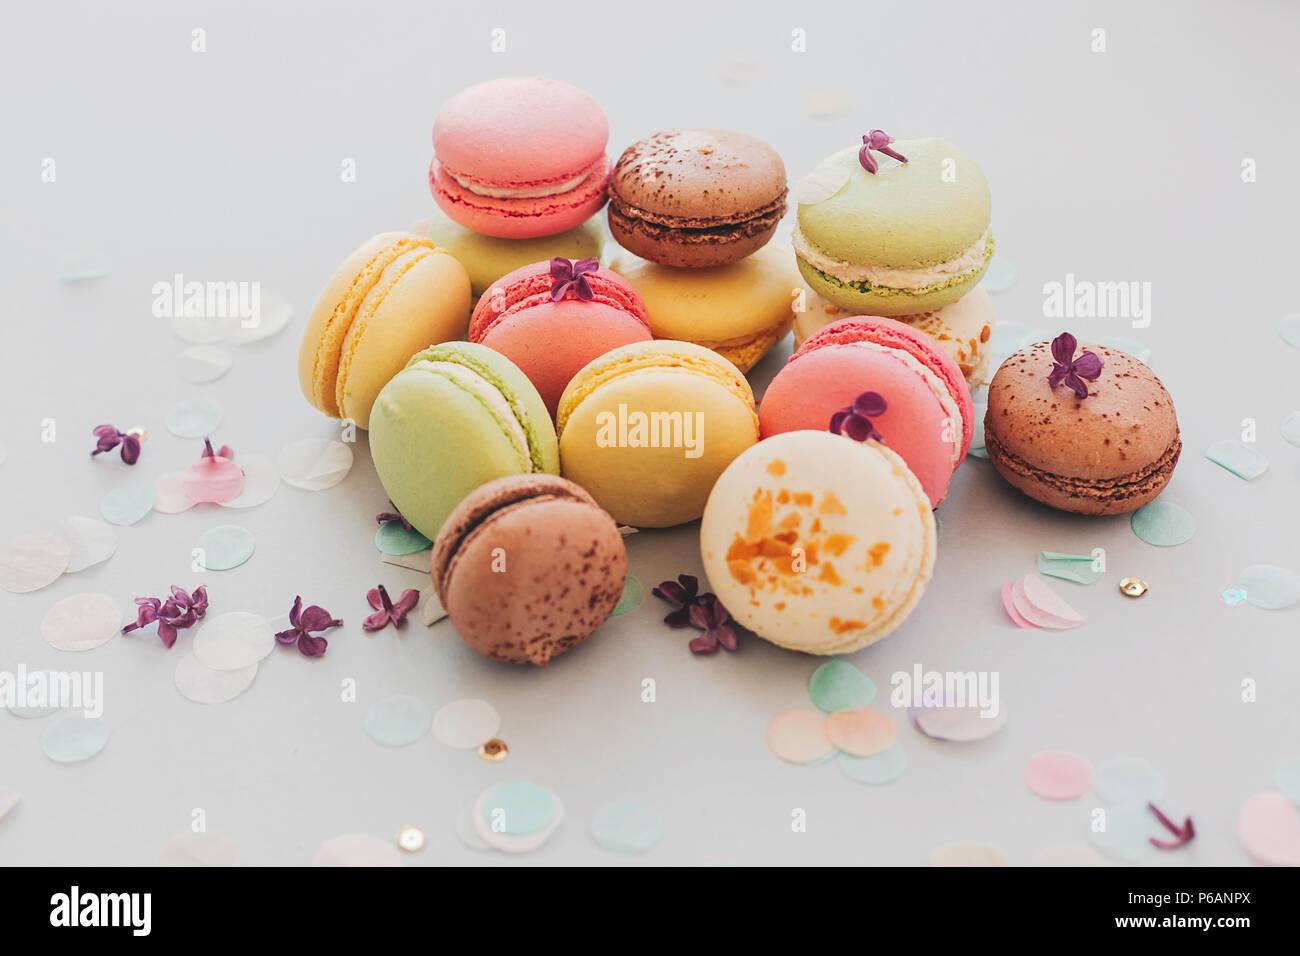 Lecker Pink, Gelb, Grün und Braun makronen am trendigen Pastellfarben grauem Papier mit lila Blumen und Konfetti. Platz für Text. leckere bunte Makronen Stockbild